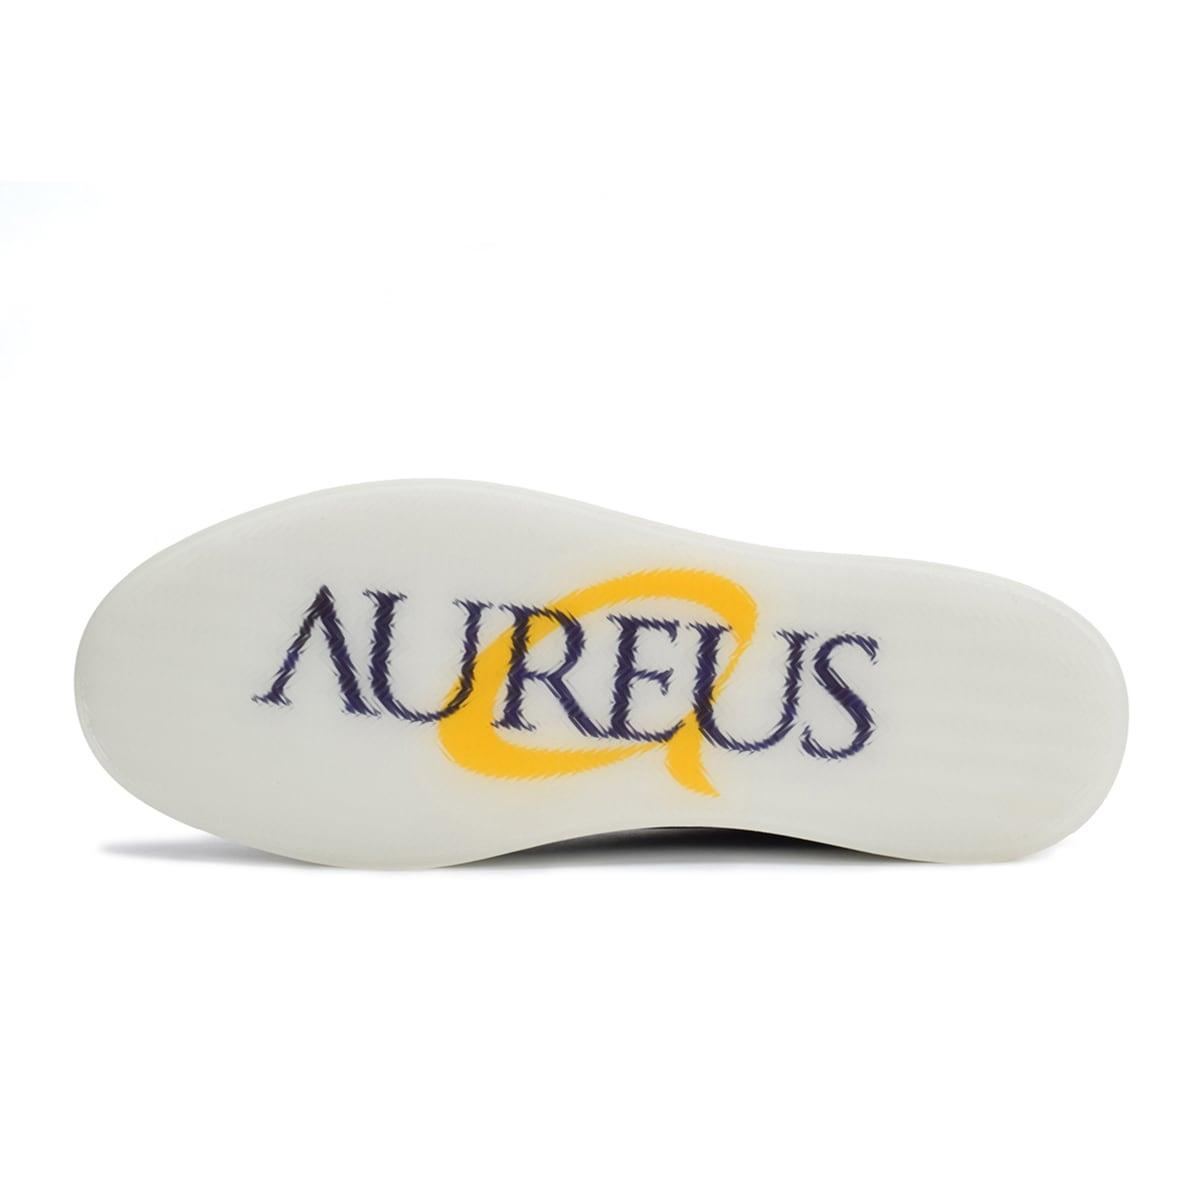 77f870247ff8 Shop Men s Aureus Supra Low-Top Wingtip Sneaker - Free Shipping Today -  Overstock - 16293446